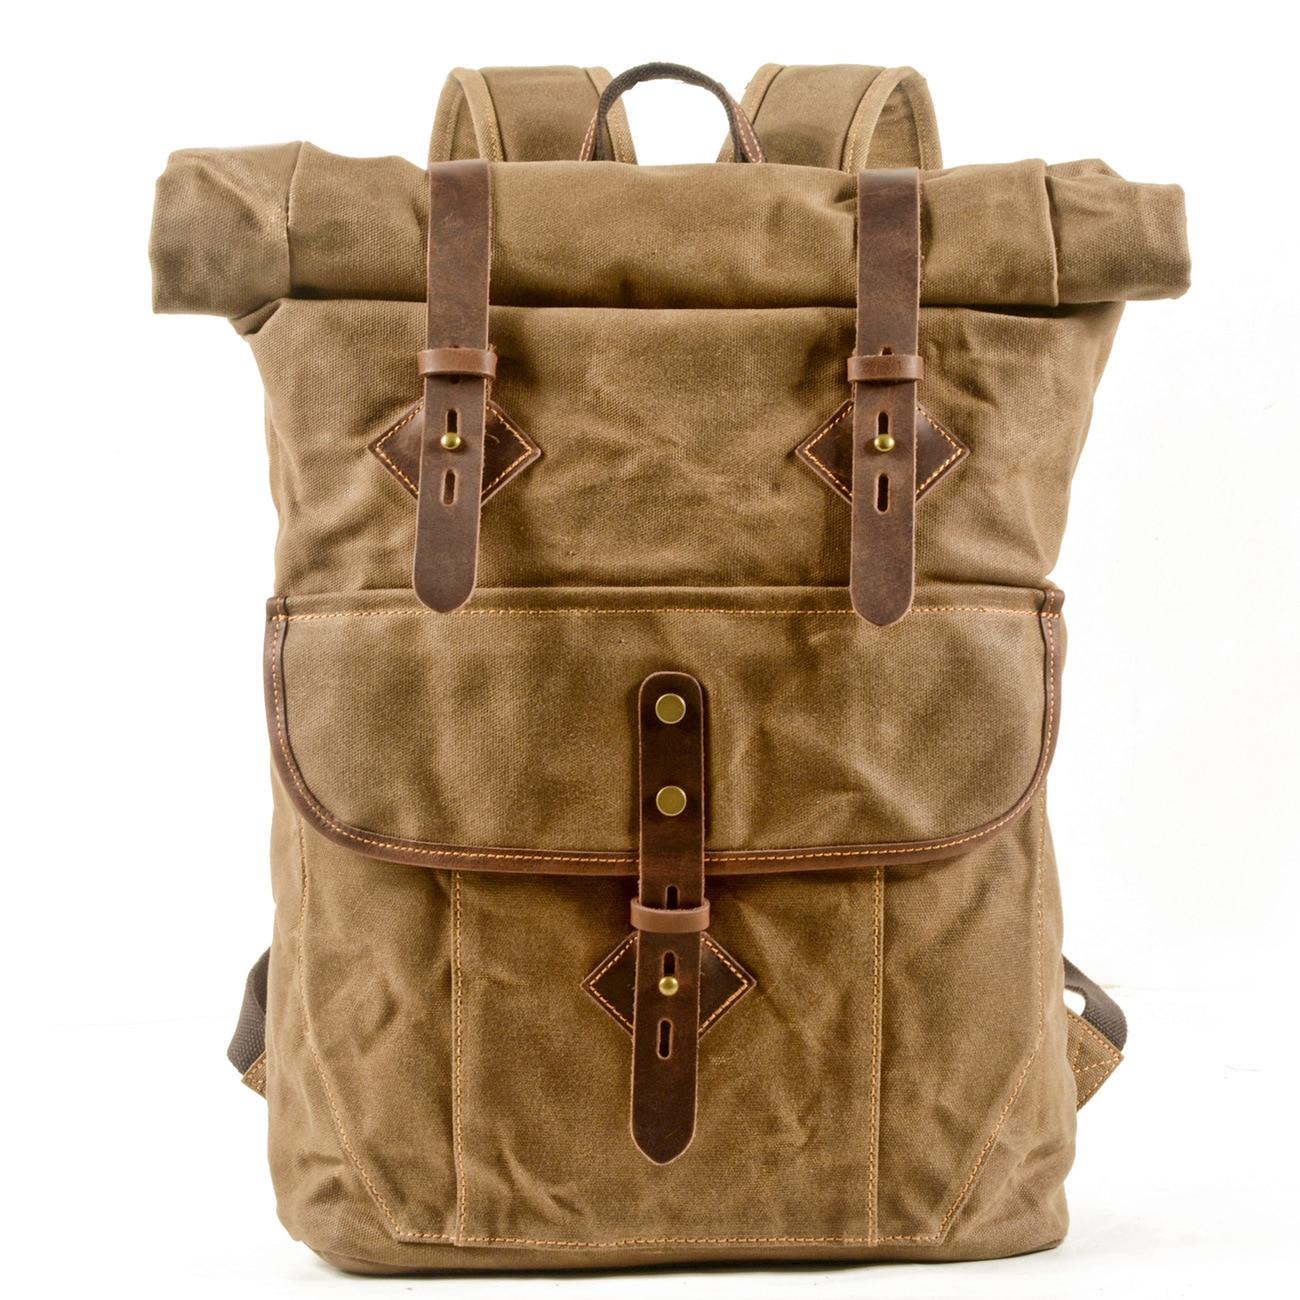 الرجعية سعة كبيرة على ظهره رحلة قصيرة في الهواء الطلق حقيبة تسلق الجبال لفة أفضل افتتاح قماش حقيبة السفر الأعمال